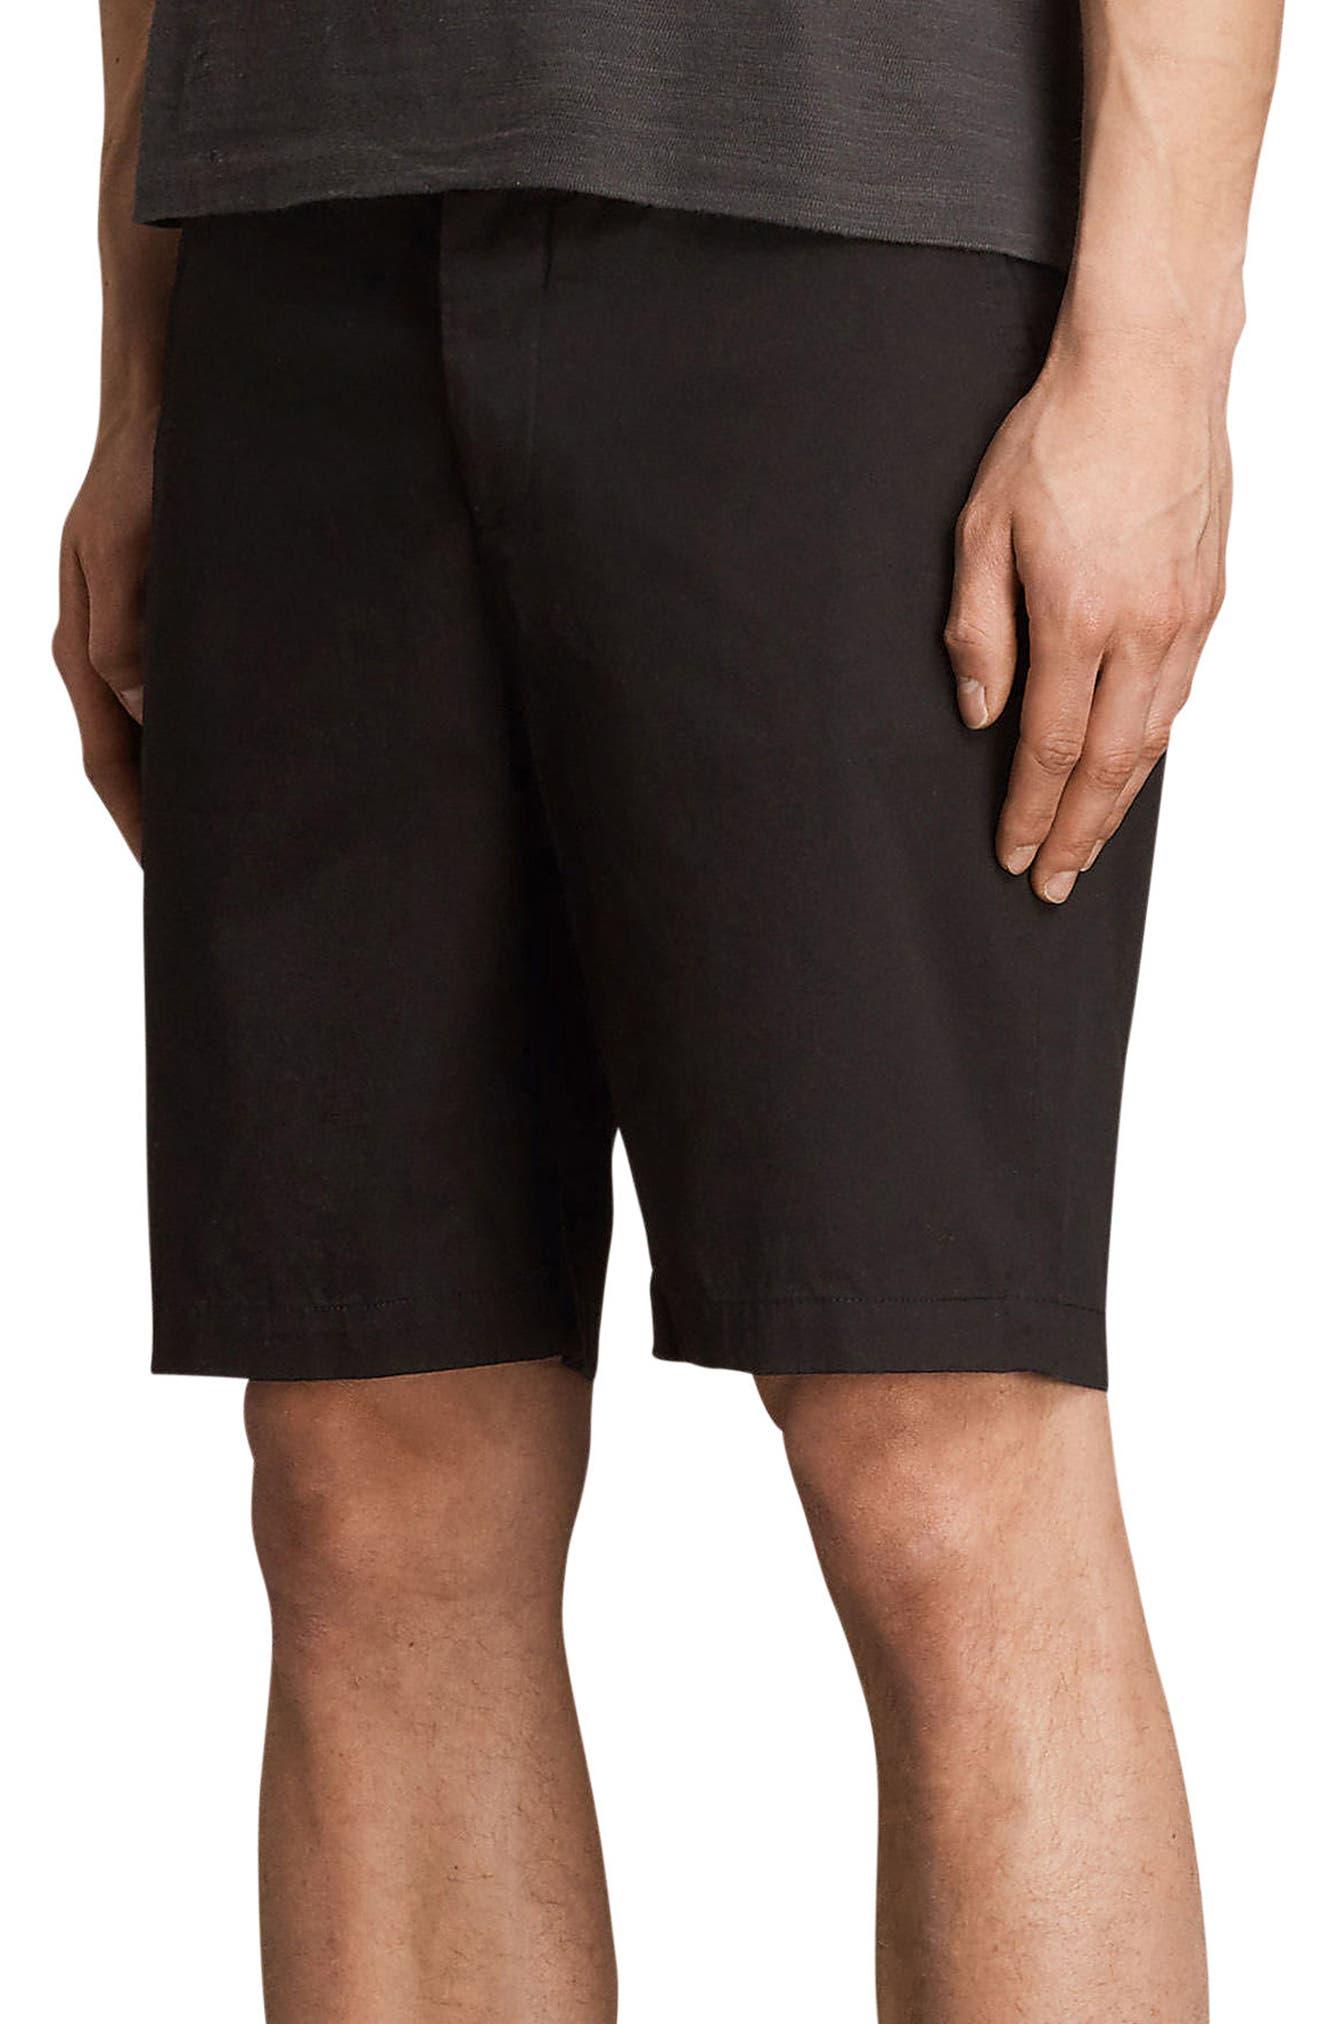 Cobalt Slim Fit Cotton Shorts,                             Alternate thumbnail 3, color,                             001